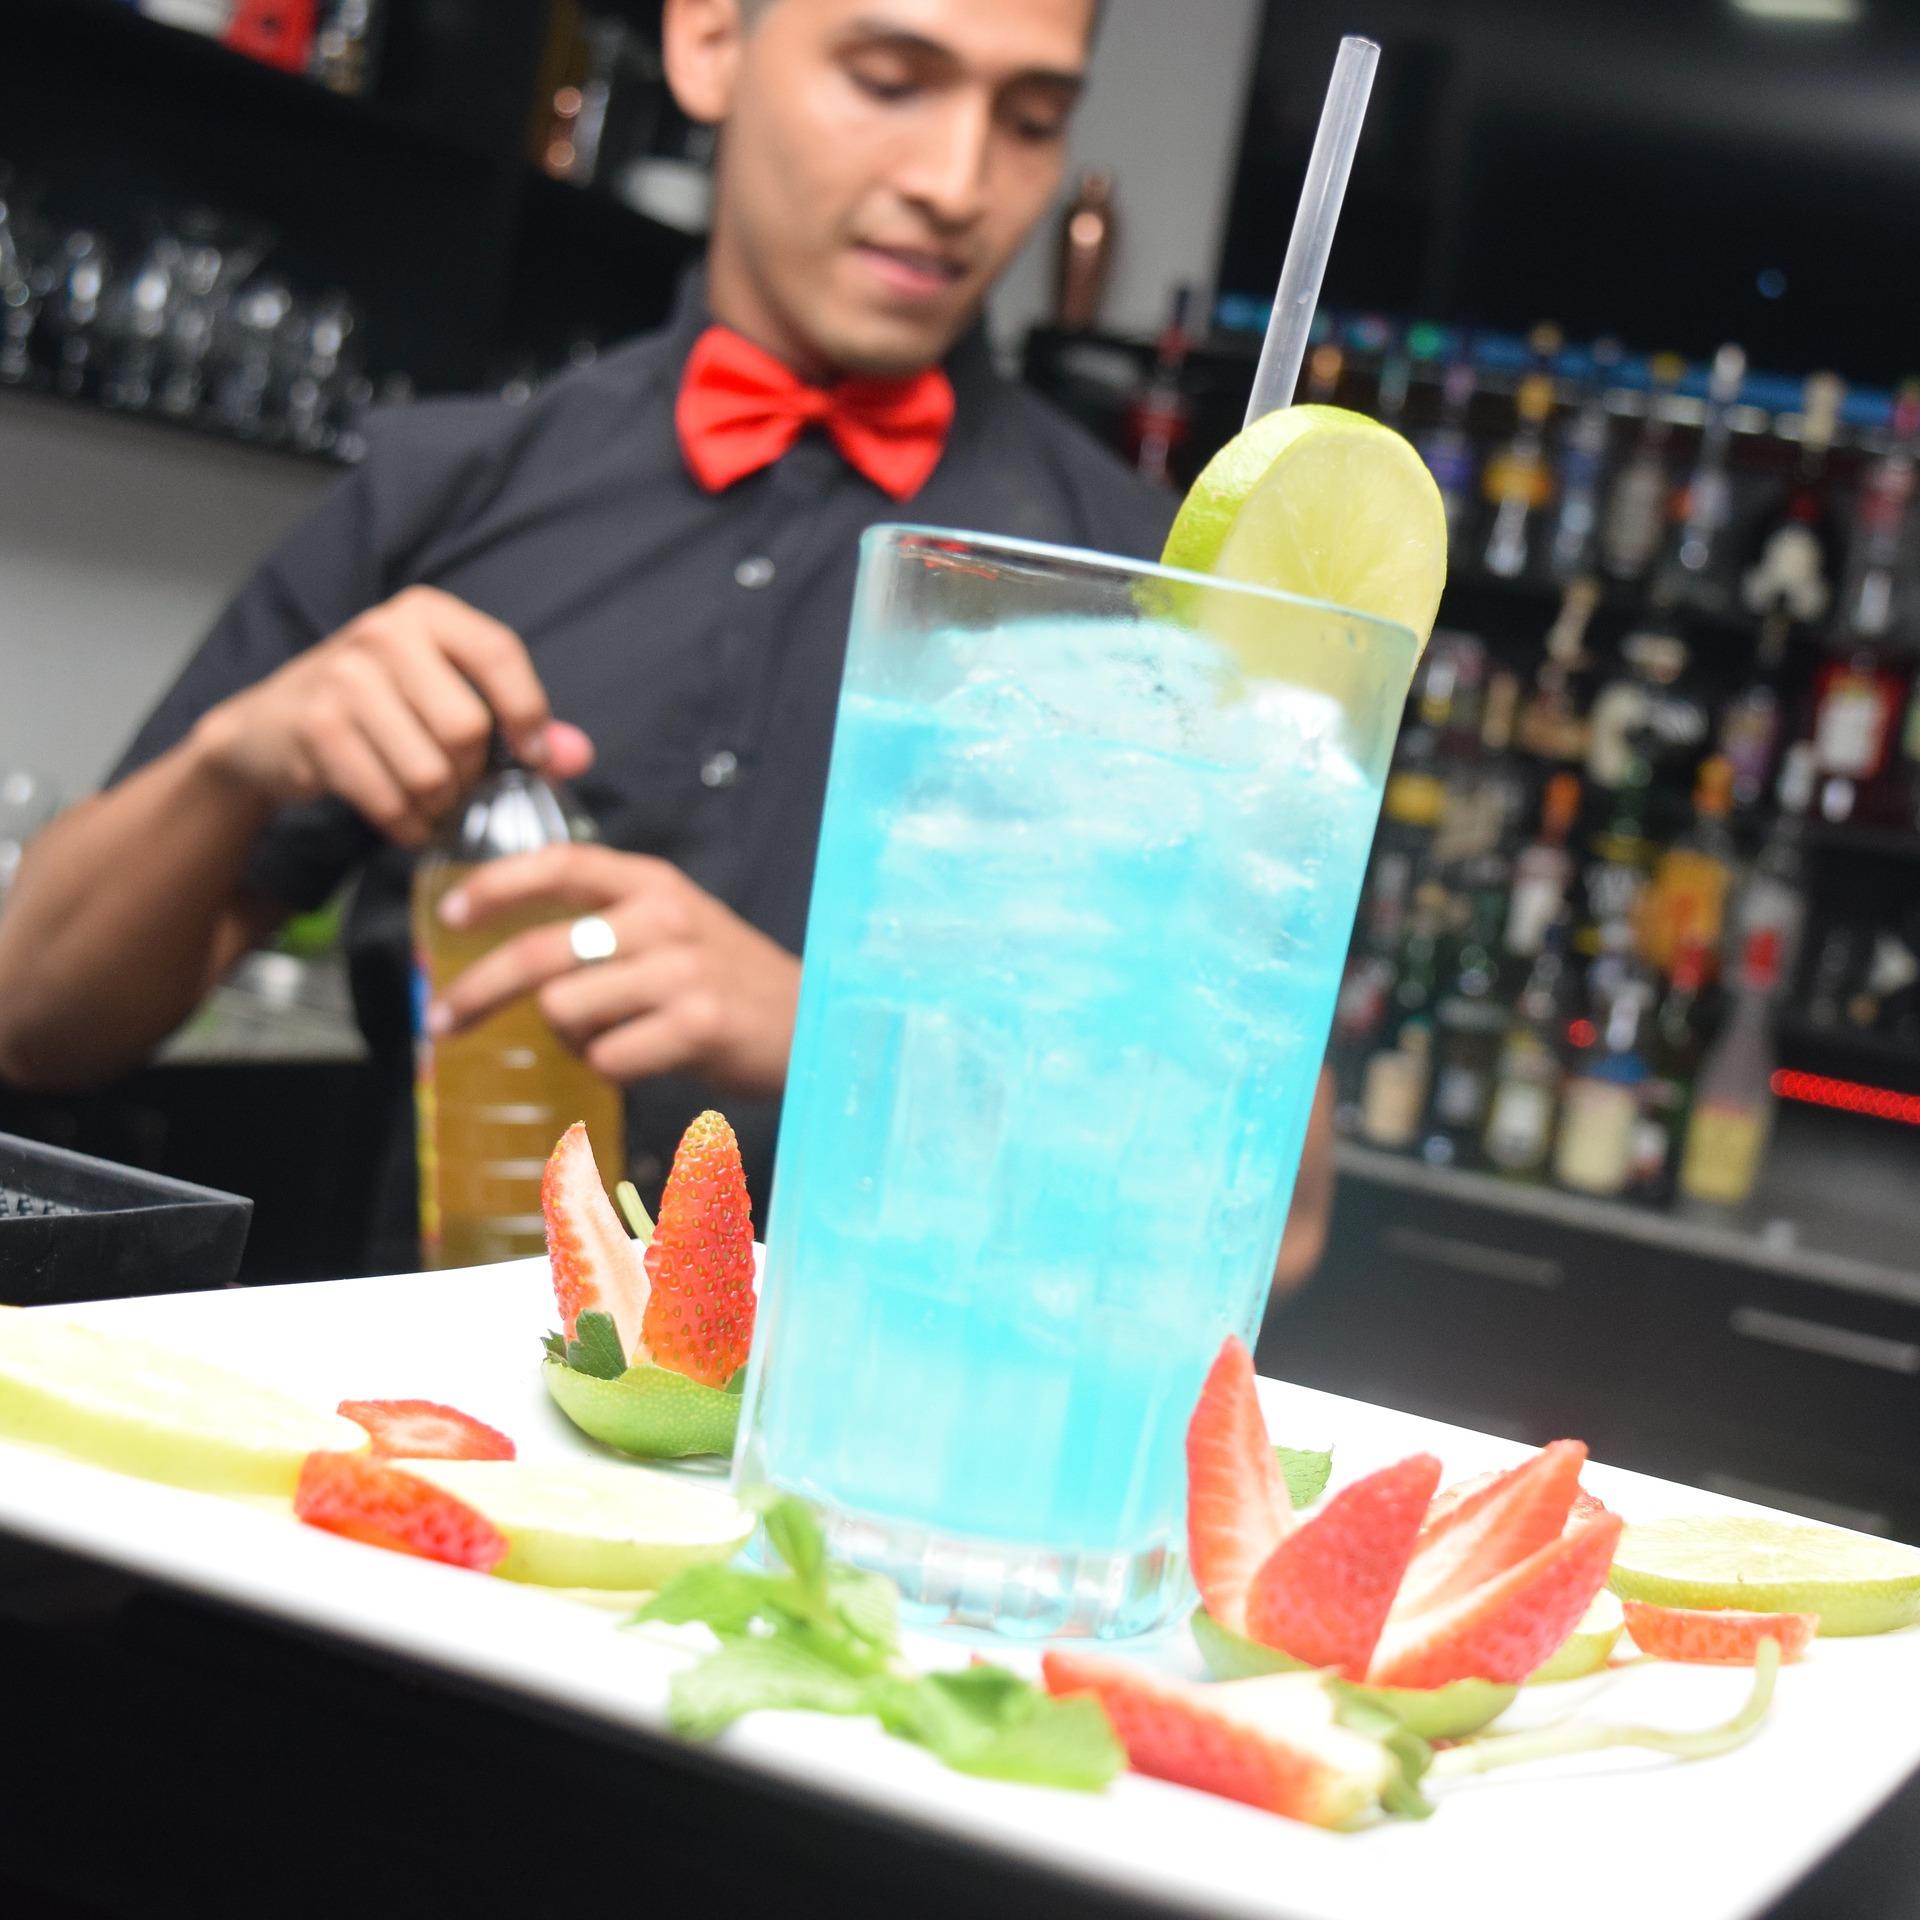 waiter-1893436_1920